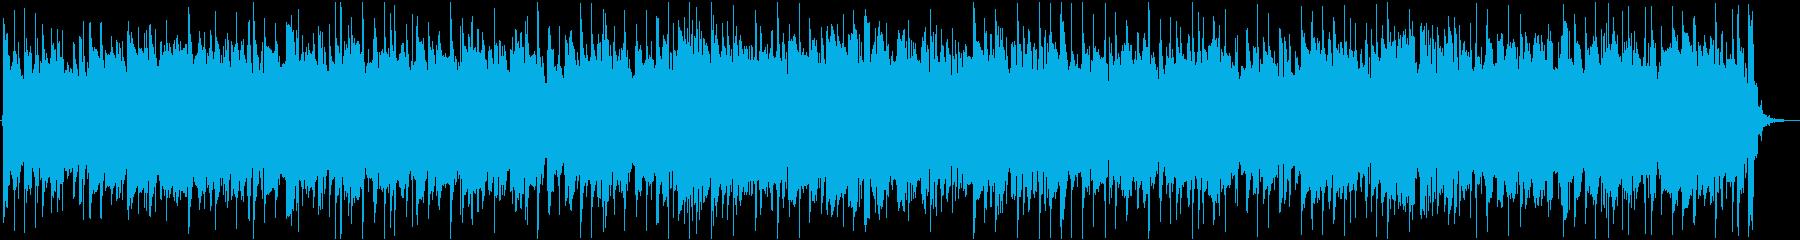 スネアの軽快なサウンドとBASSのリズムの再生済みの波形